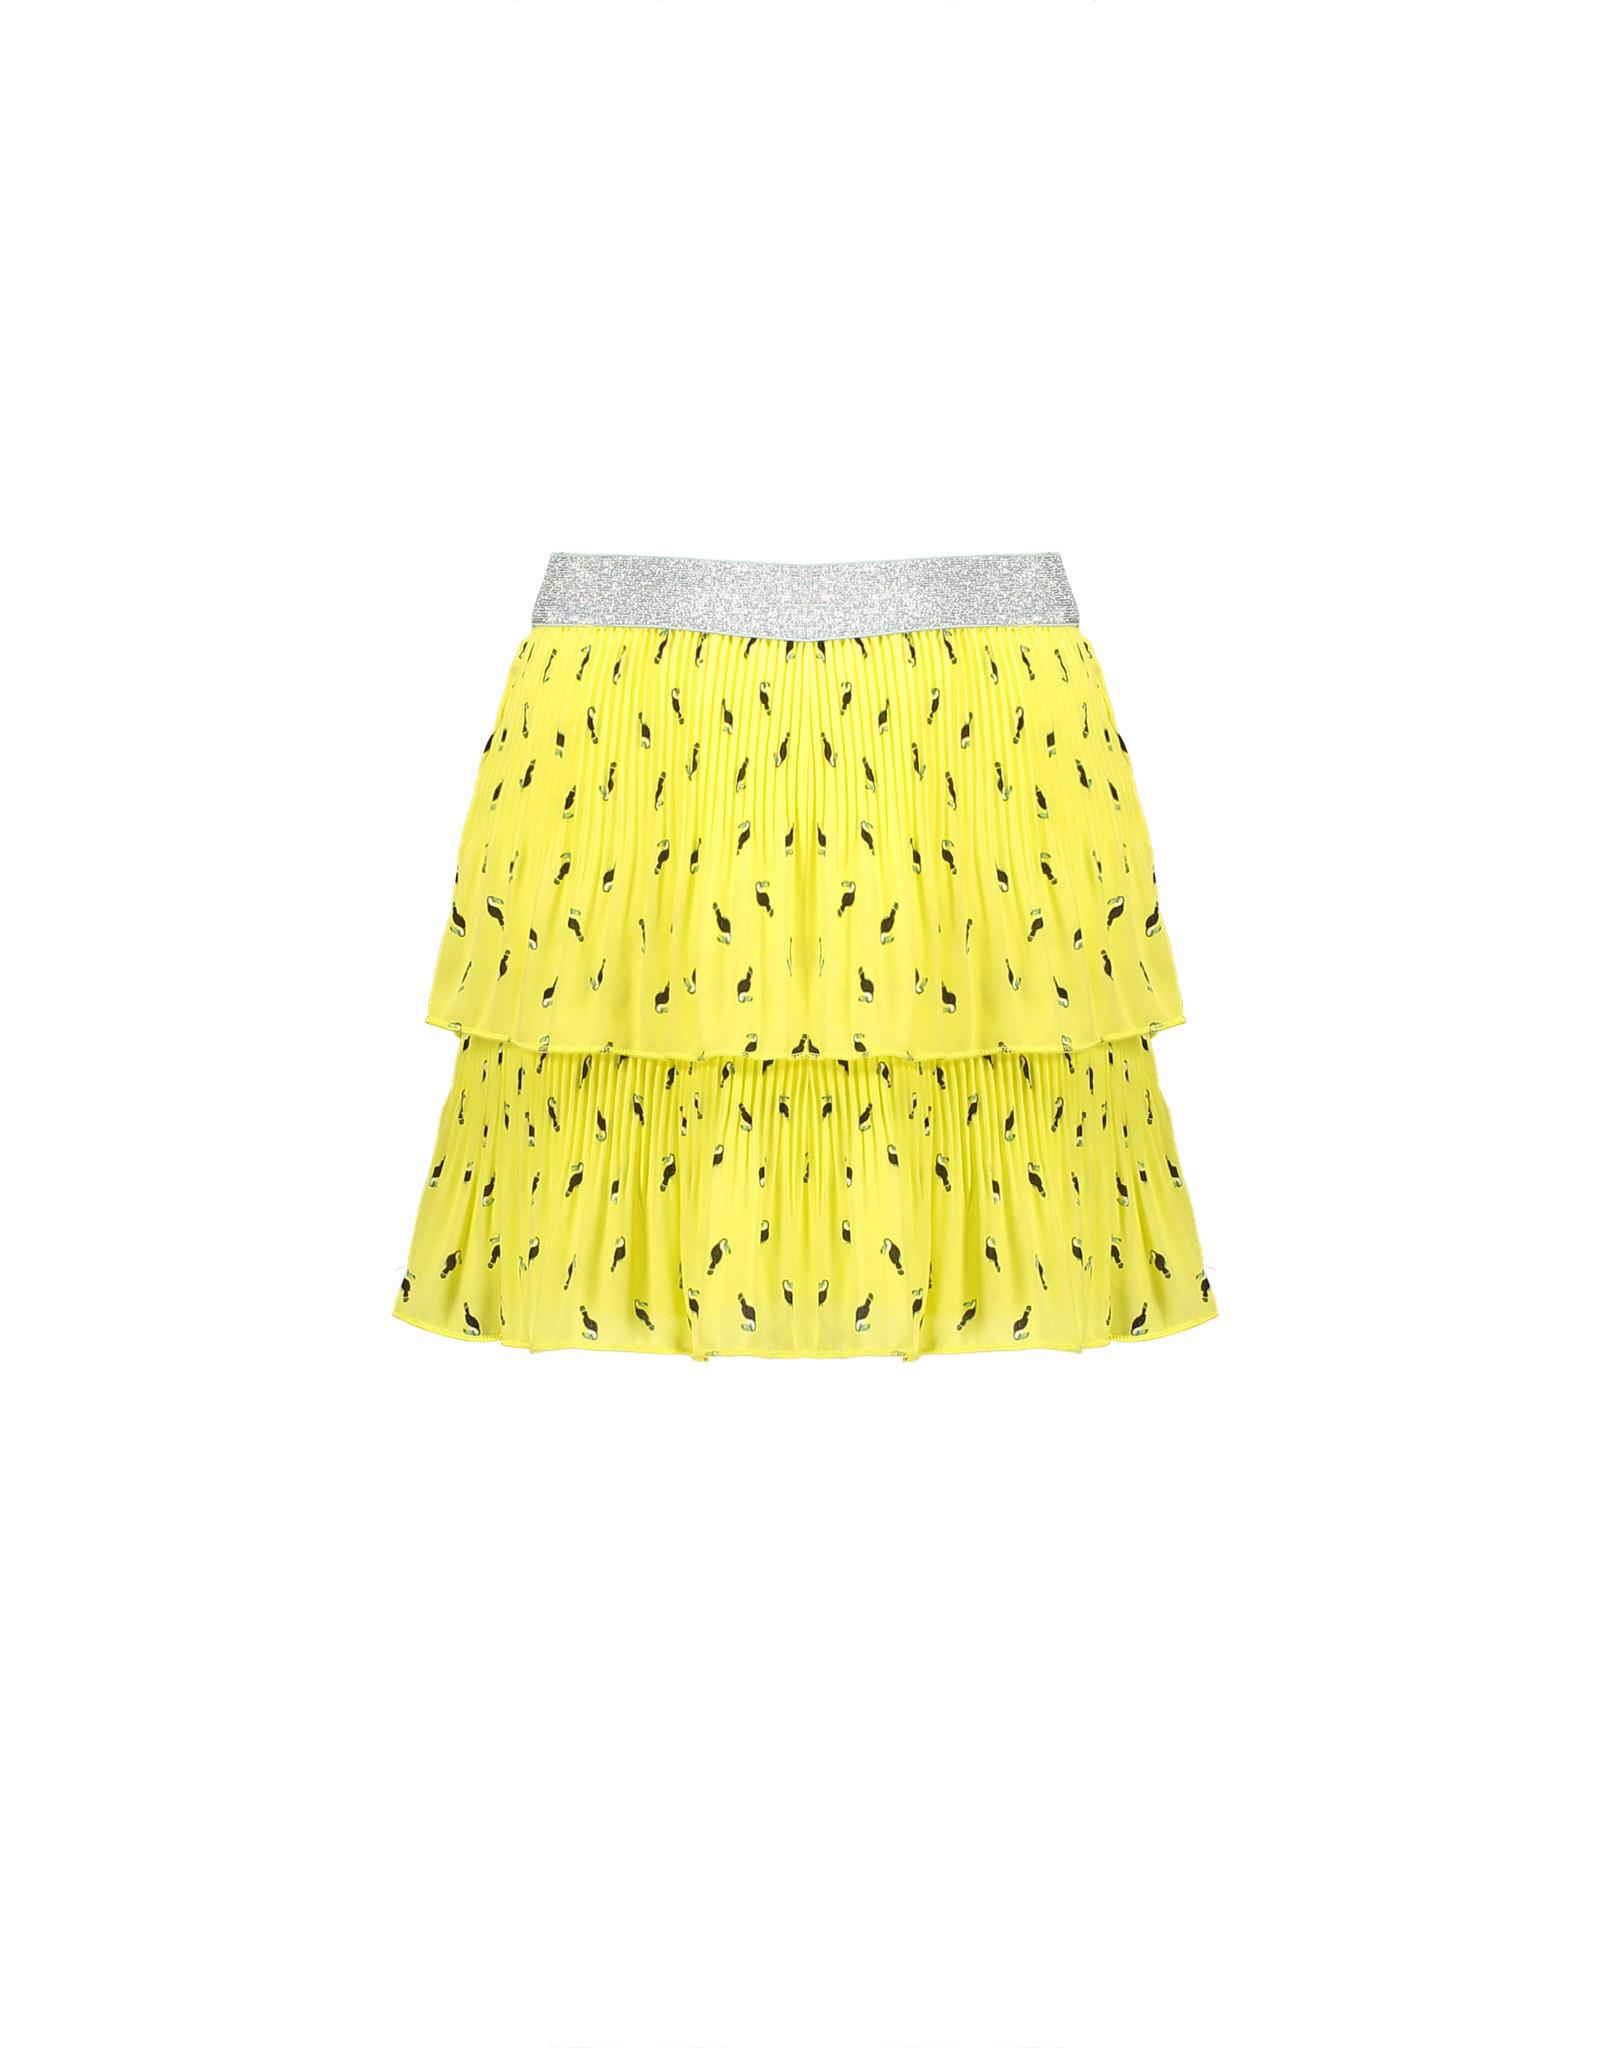 NONO NoNo Nikki Layered Plisse Skirt In Toucan Lime Light